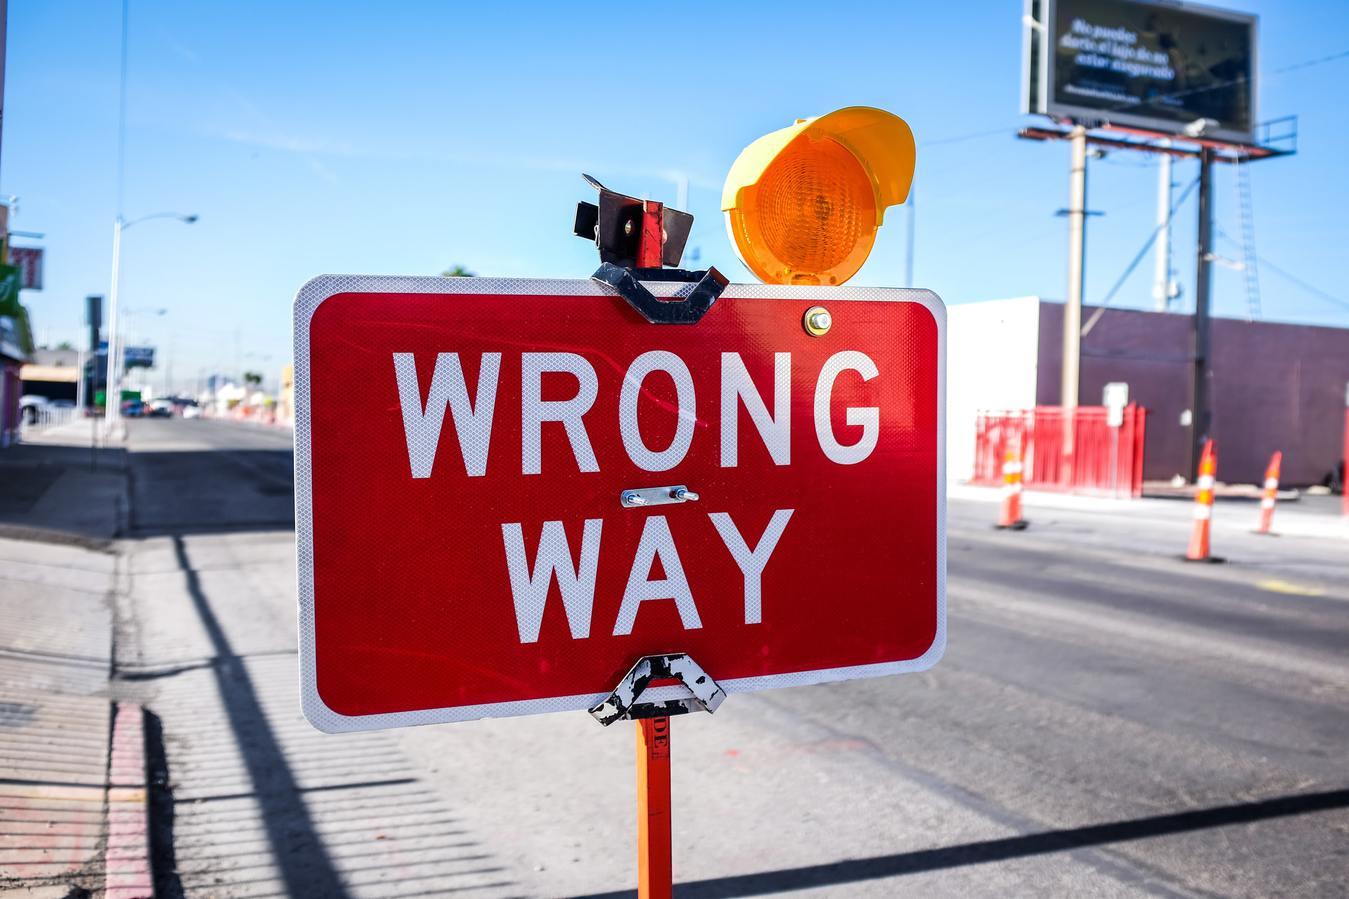 Señal de tráfico deletreando camino incorrecto con cielo azul